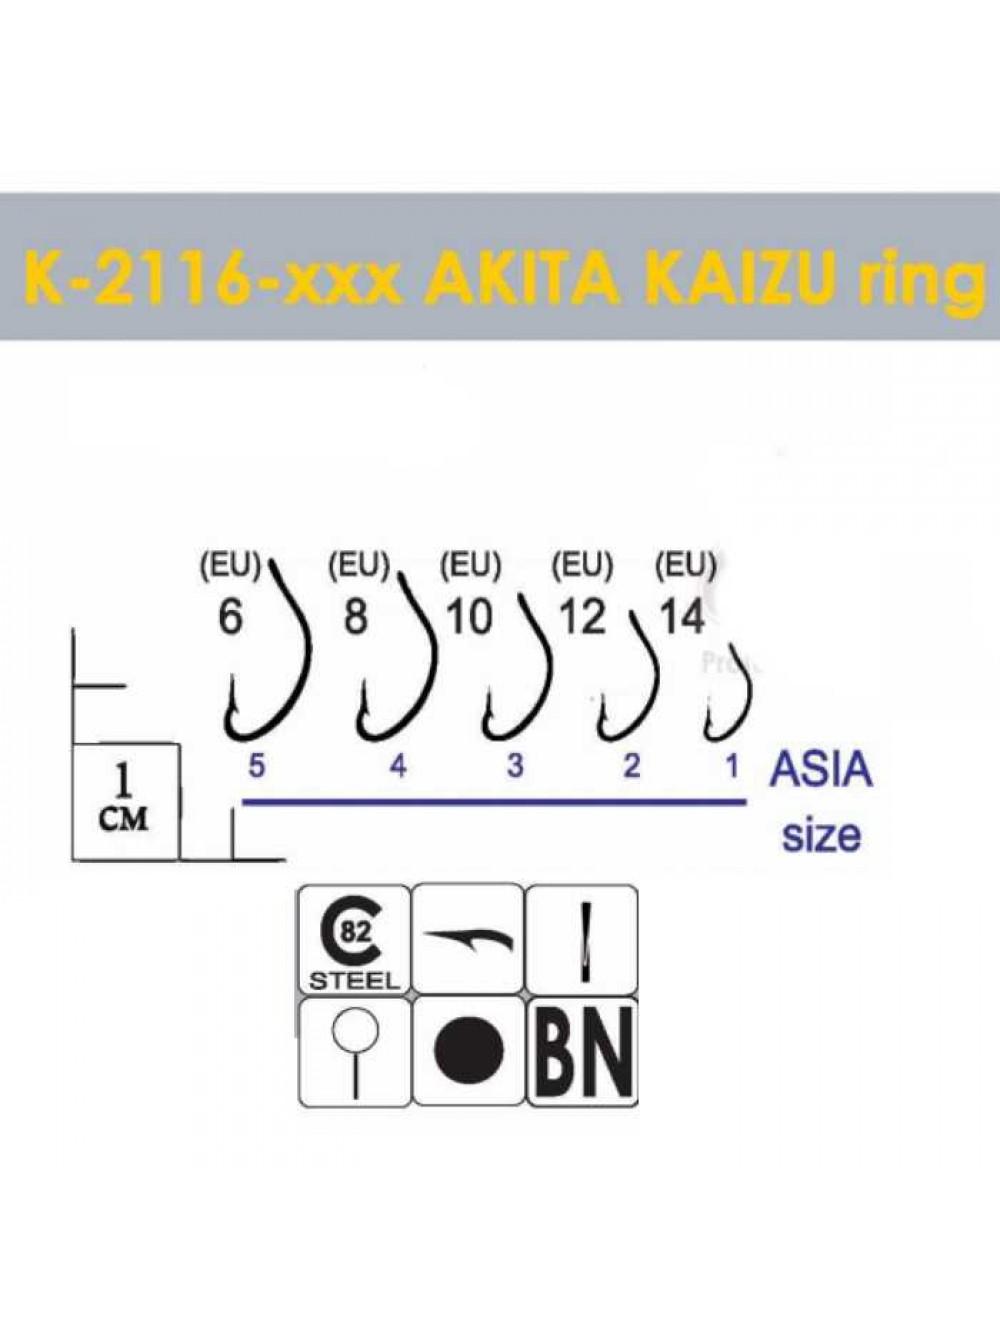 Крючки Gurza - AKITA KAIZU Ring BN #14 10 шт/уп.